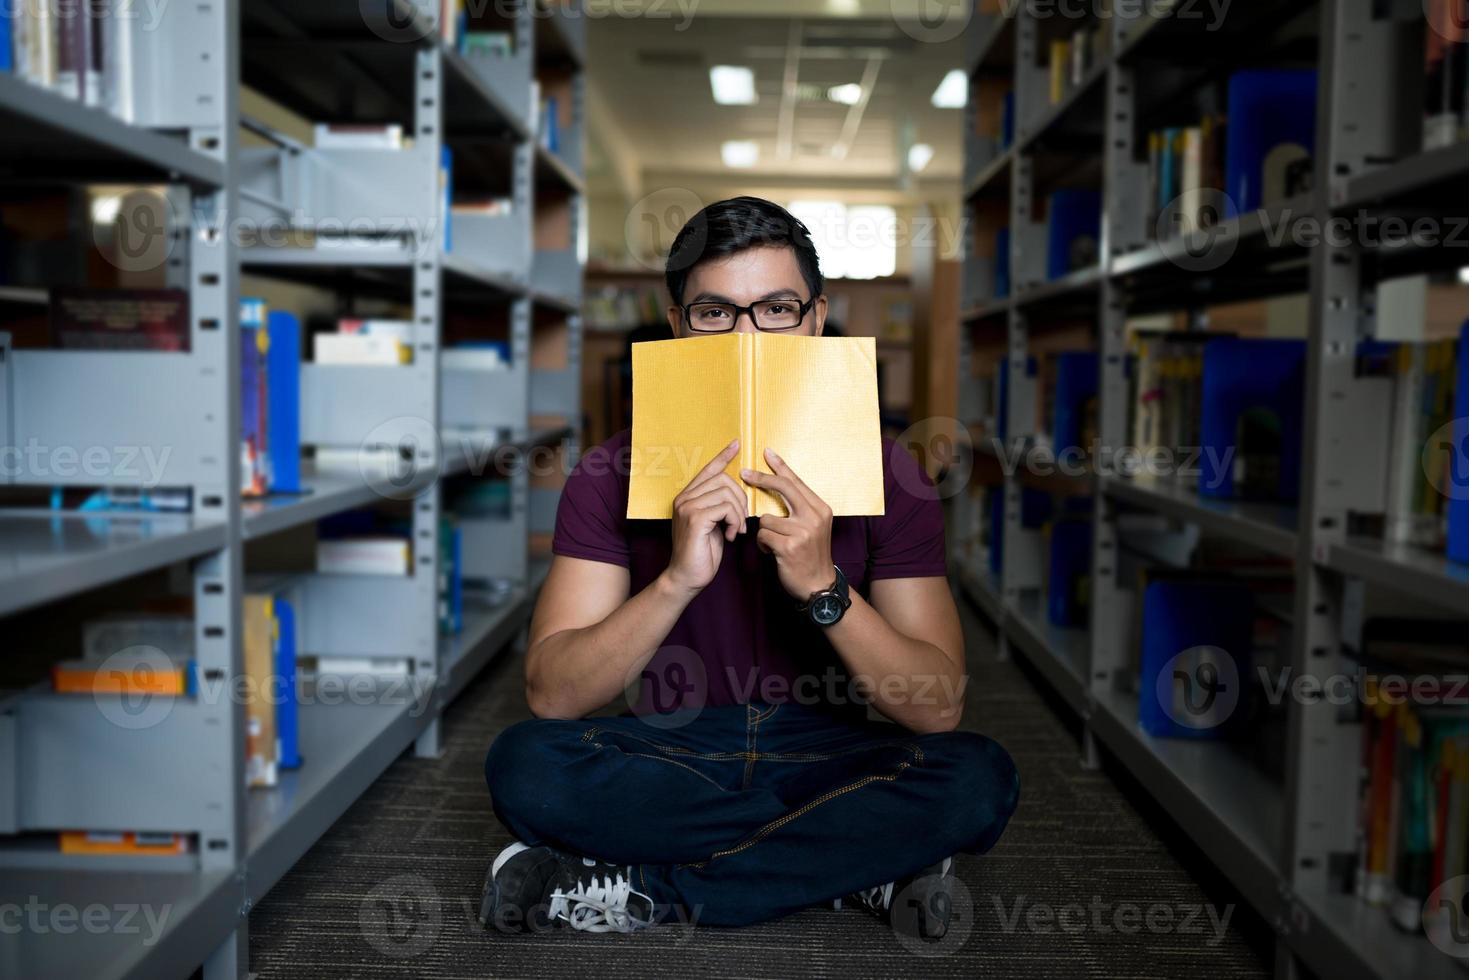 cubriéndose la cara con un libro foto